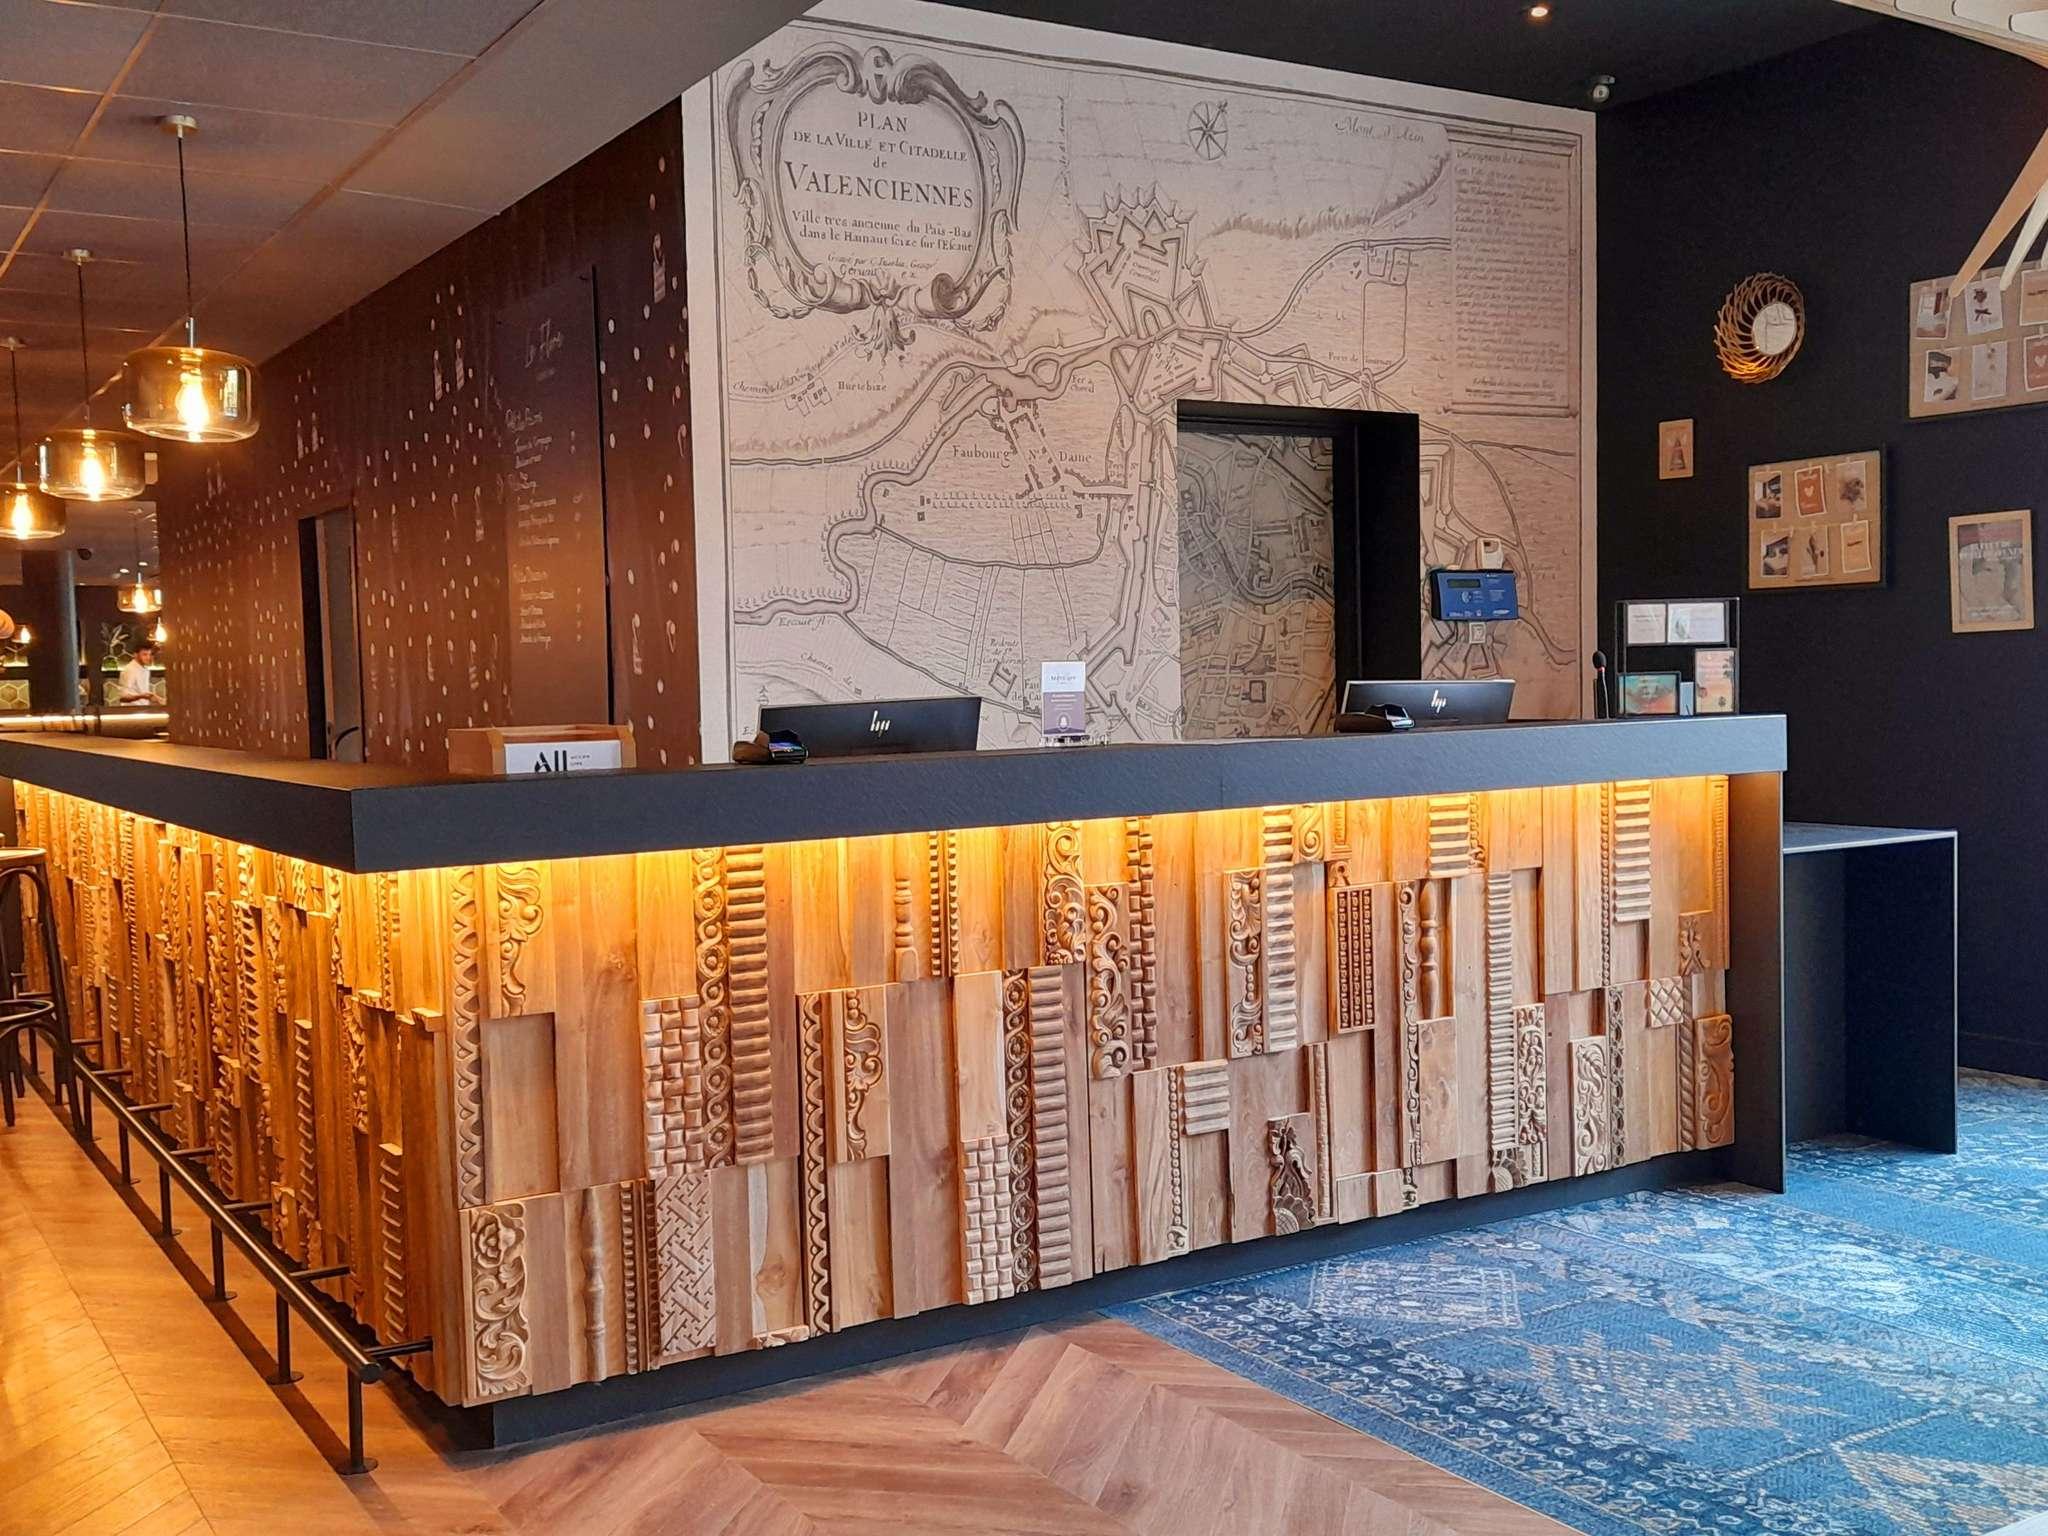 Hotel – Hôtel Mercure Valenciennes Centre